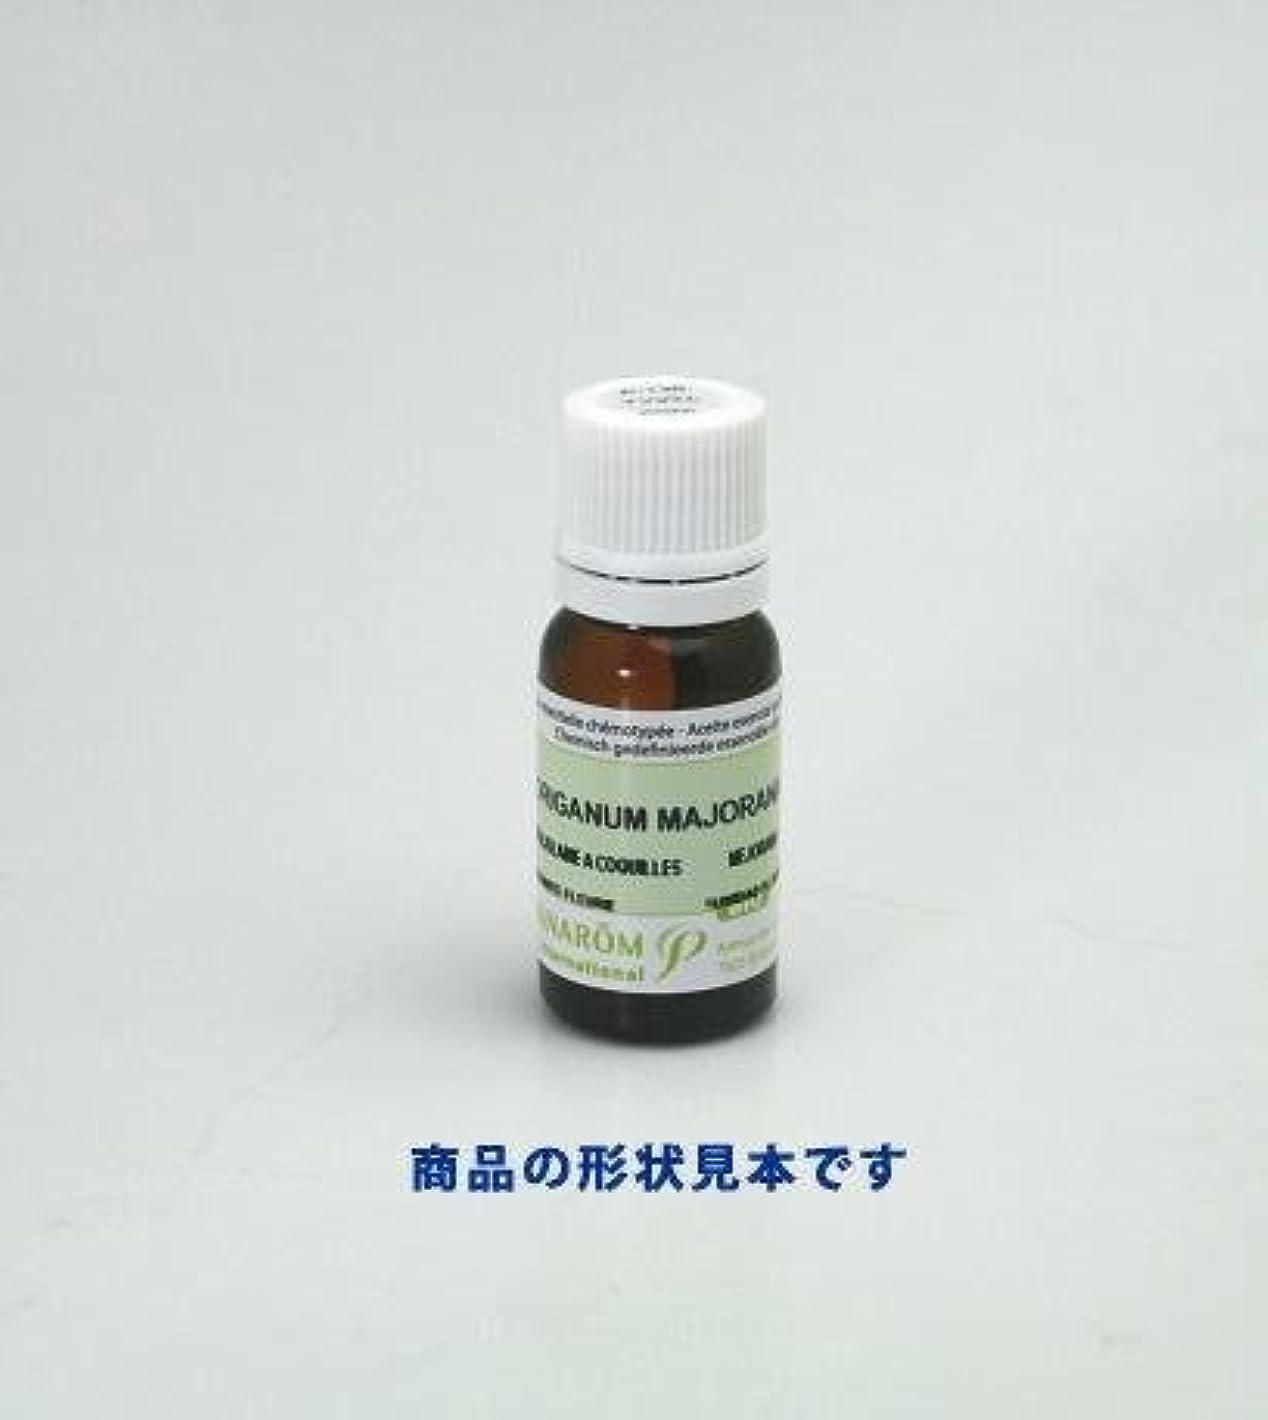 調べるベックス再集計プラナロム精油 レモンバーベナ(P-106)